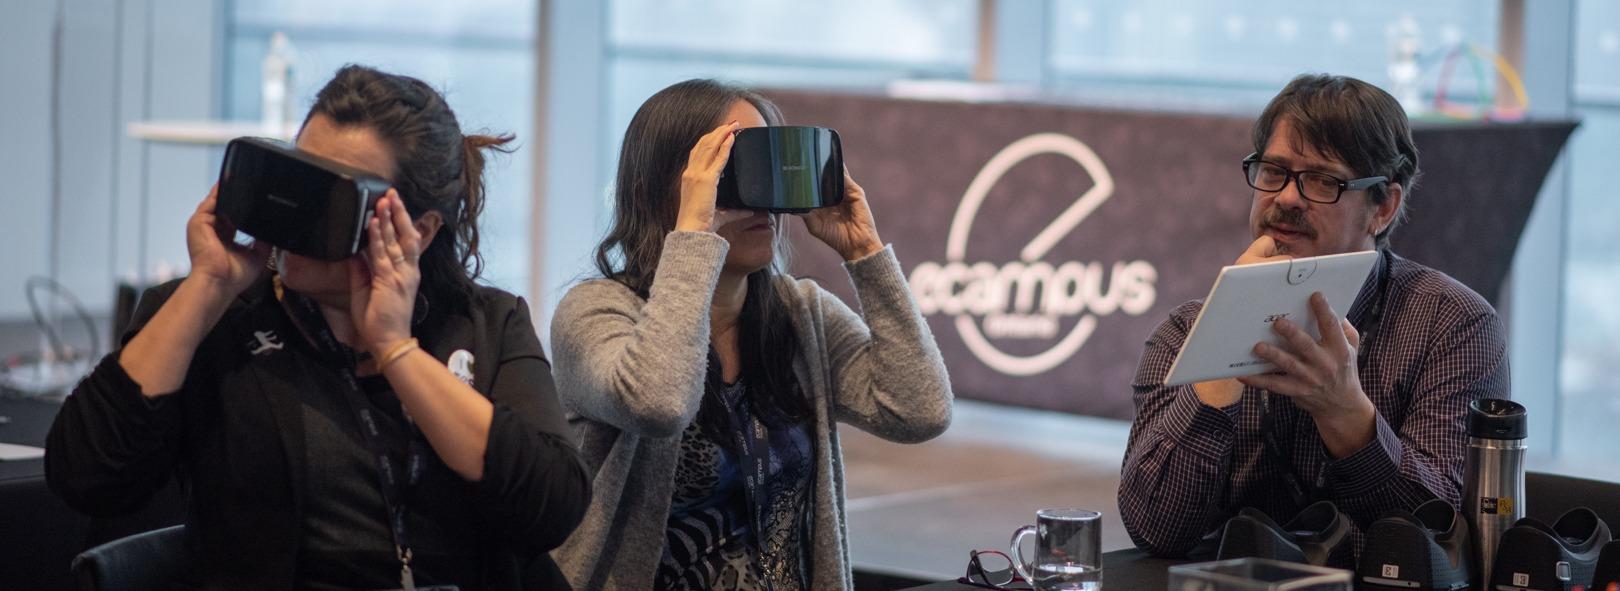 deux femmes assises avec des casques de réalité virtuelle